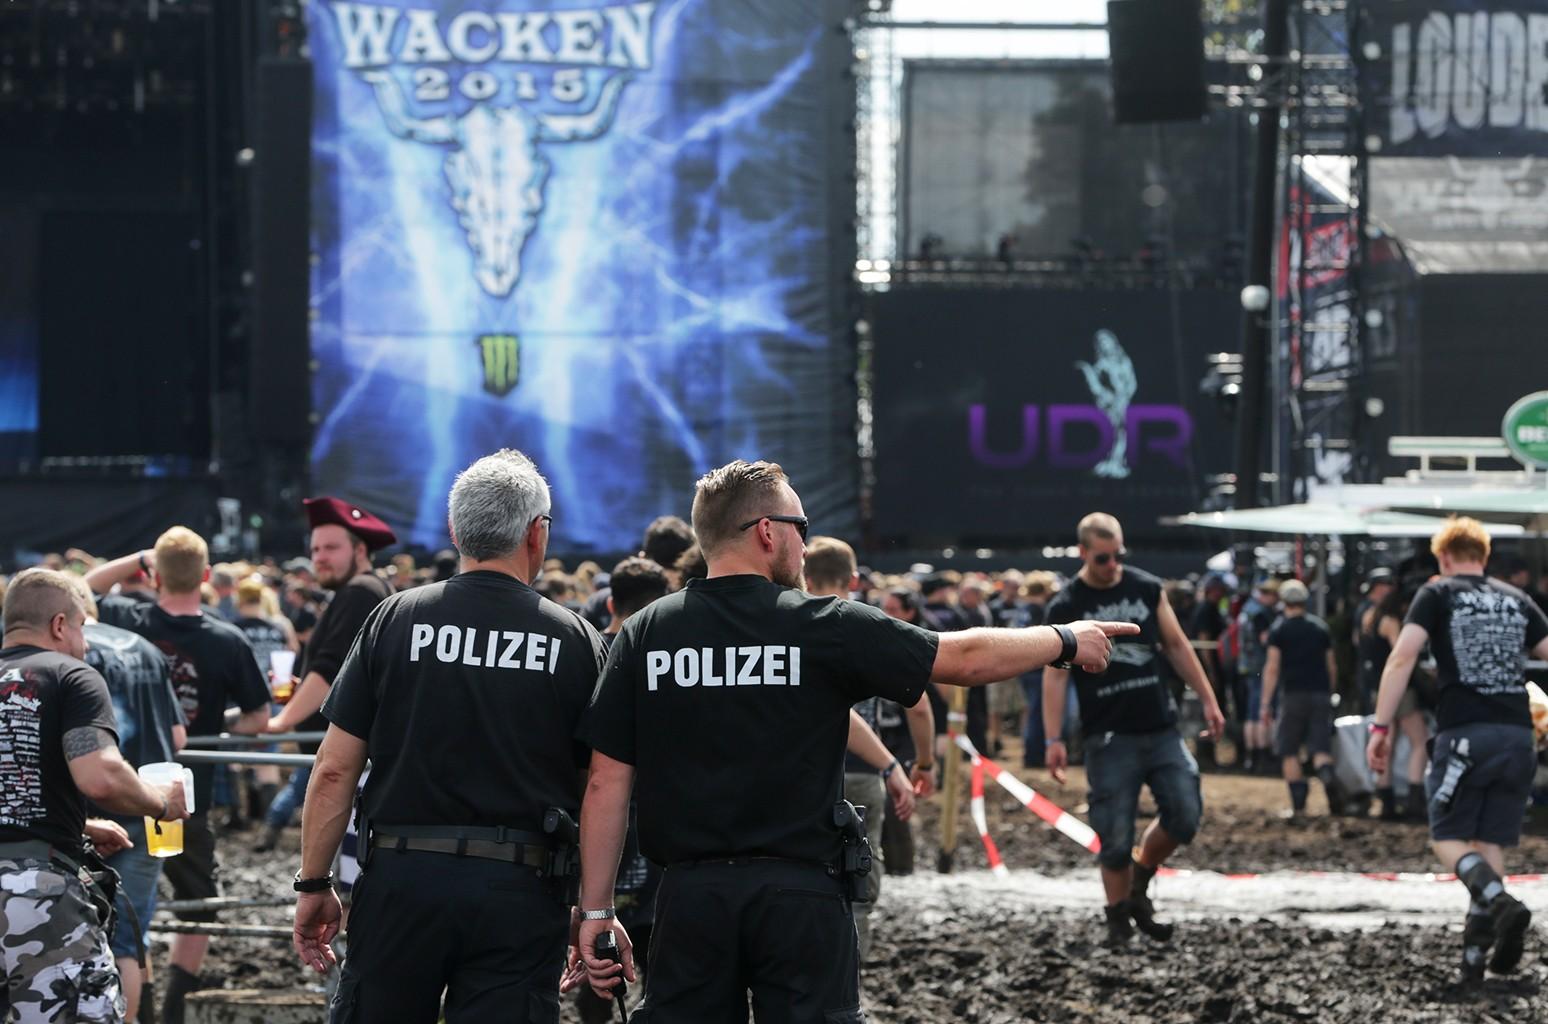 Wacken Open Air Festival in Germany